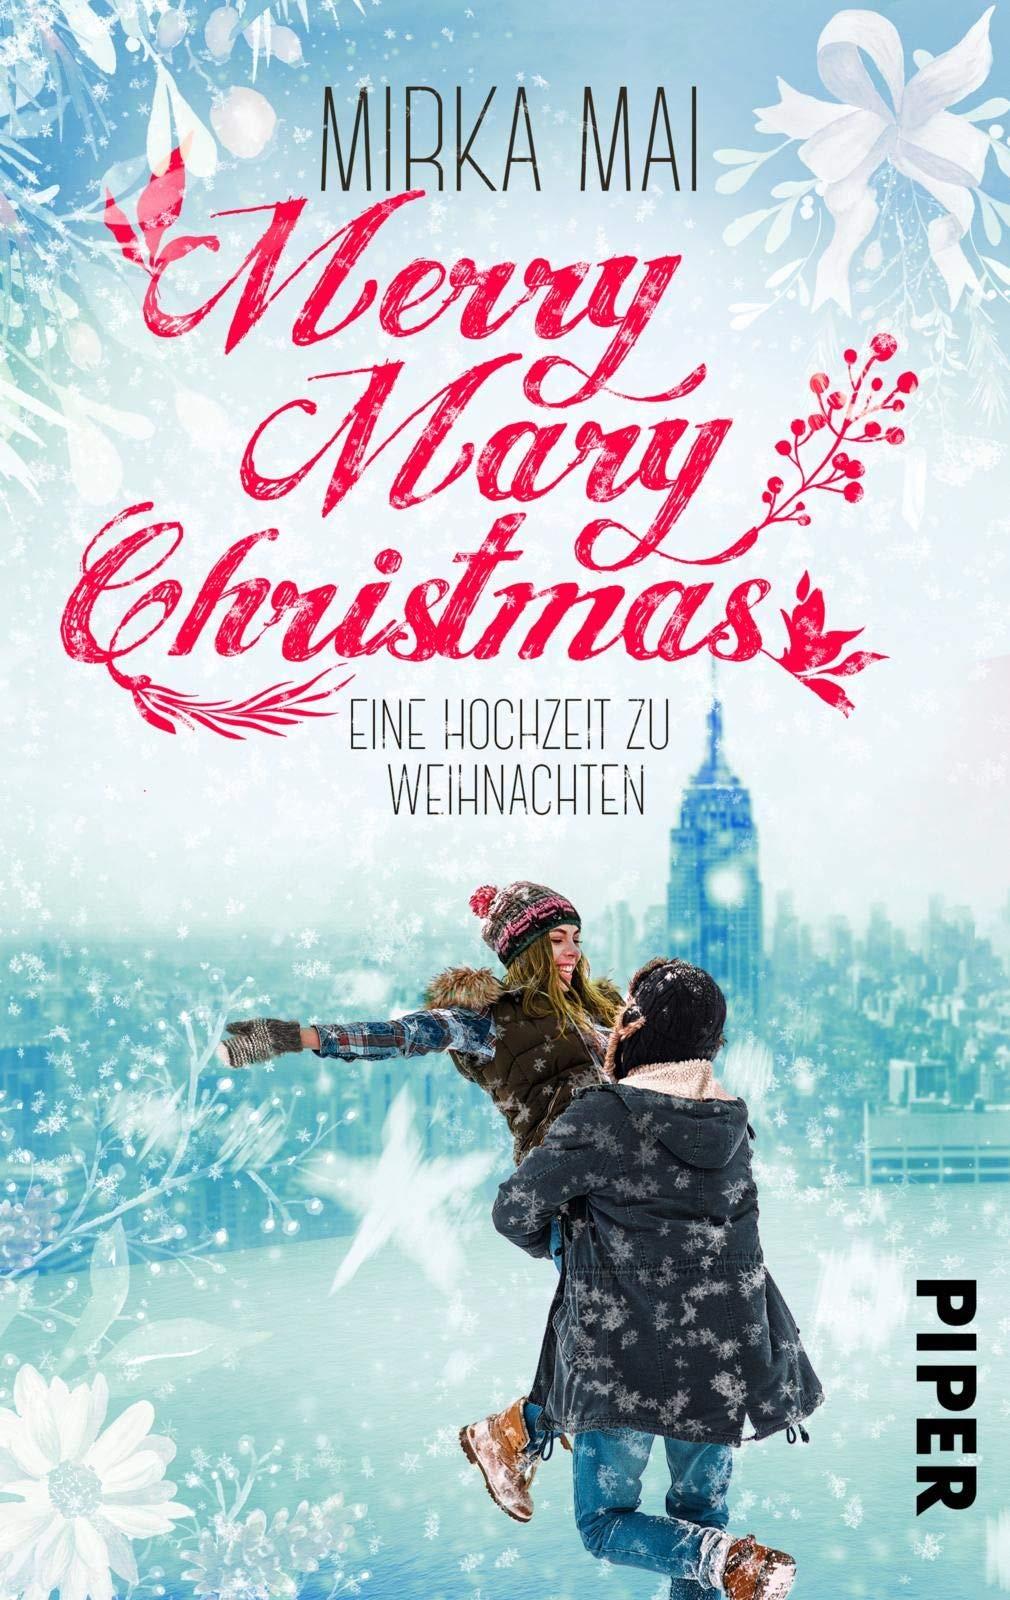 Merry Mary Christmas: Eine Hochzeit zu Weihnachten: Mai, Mirka ...